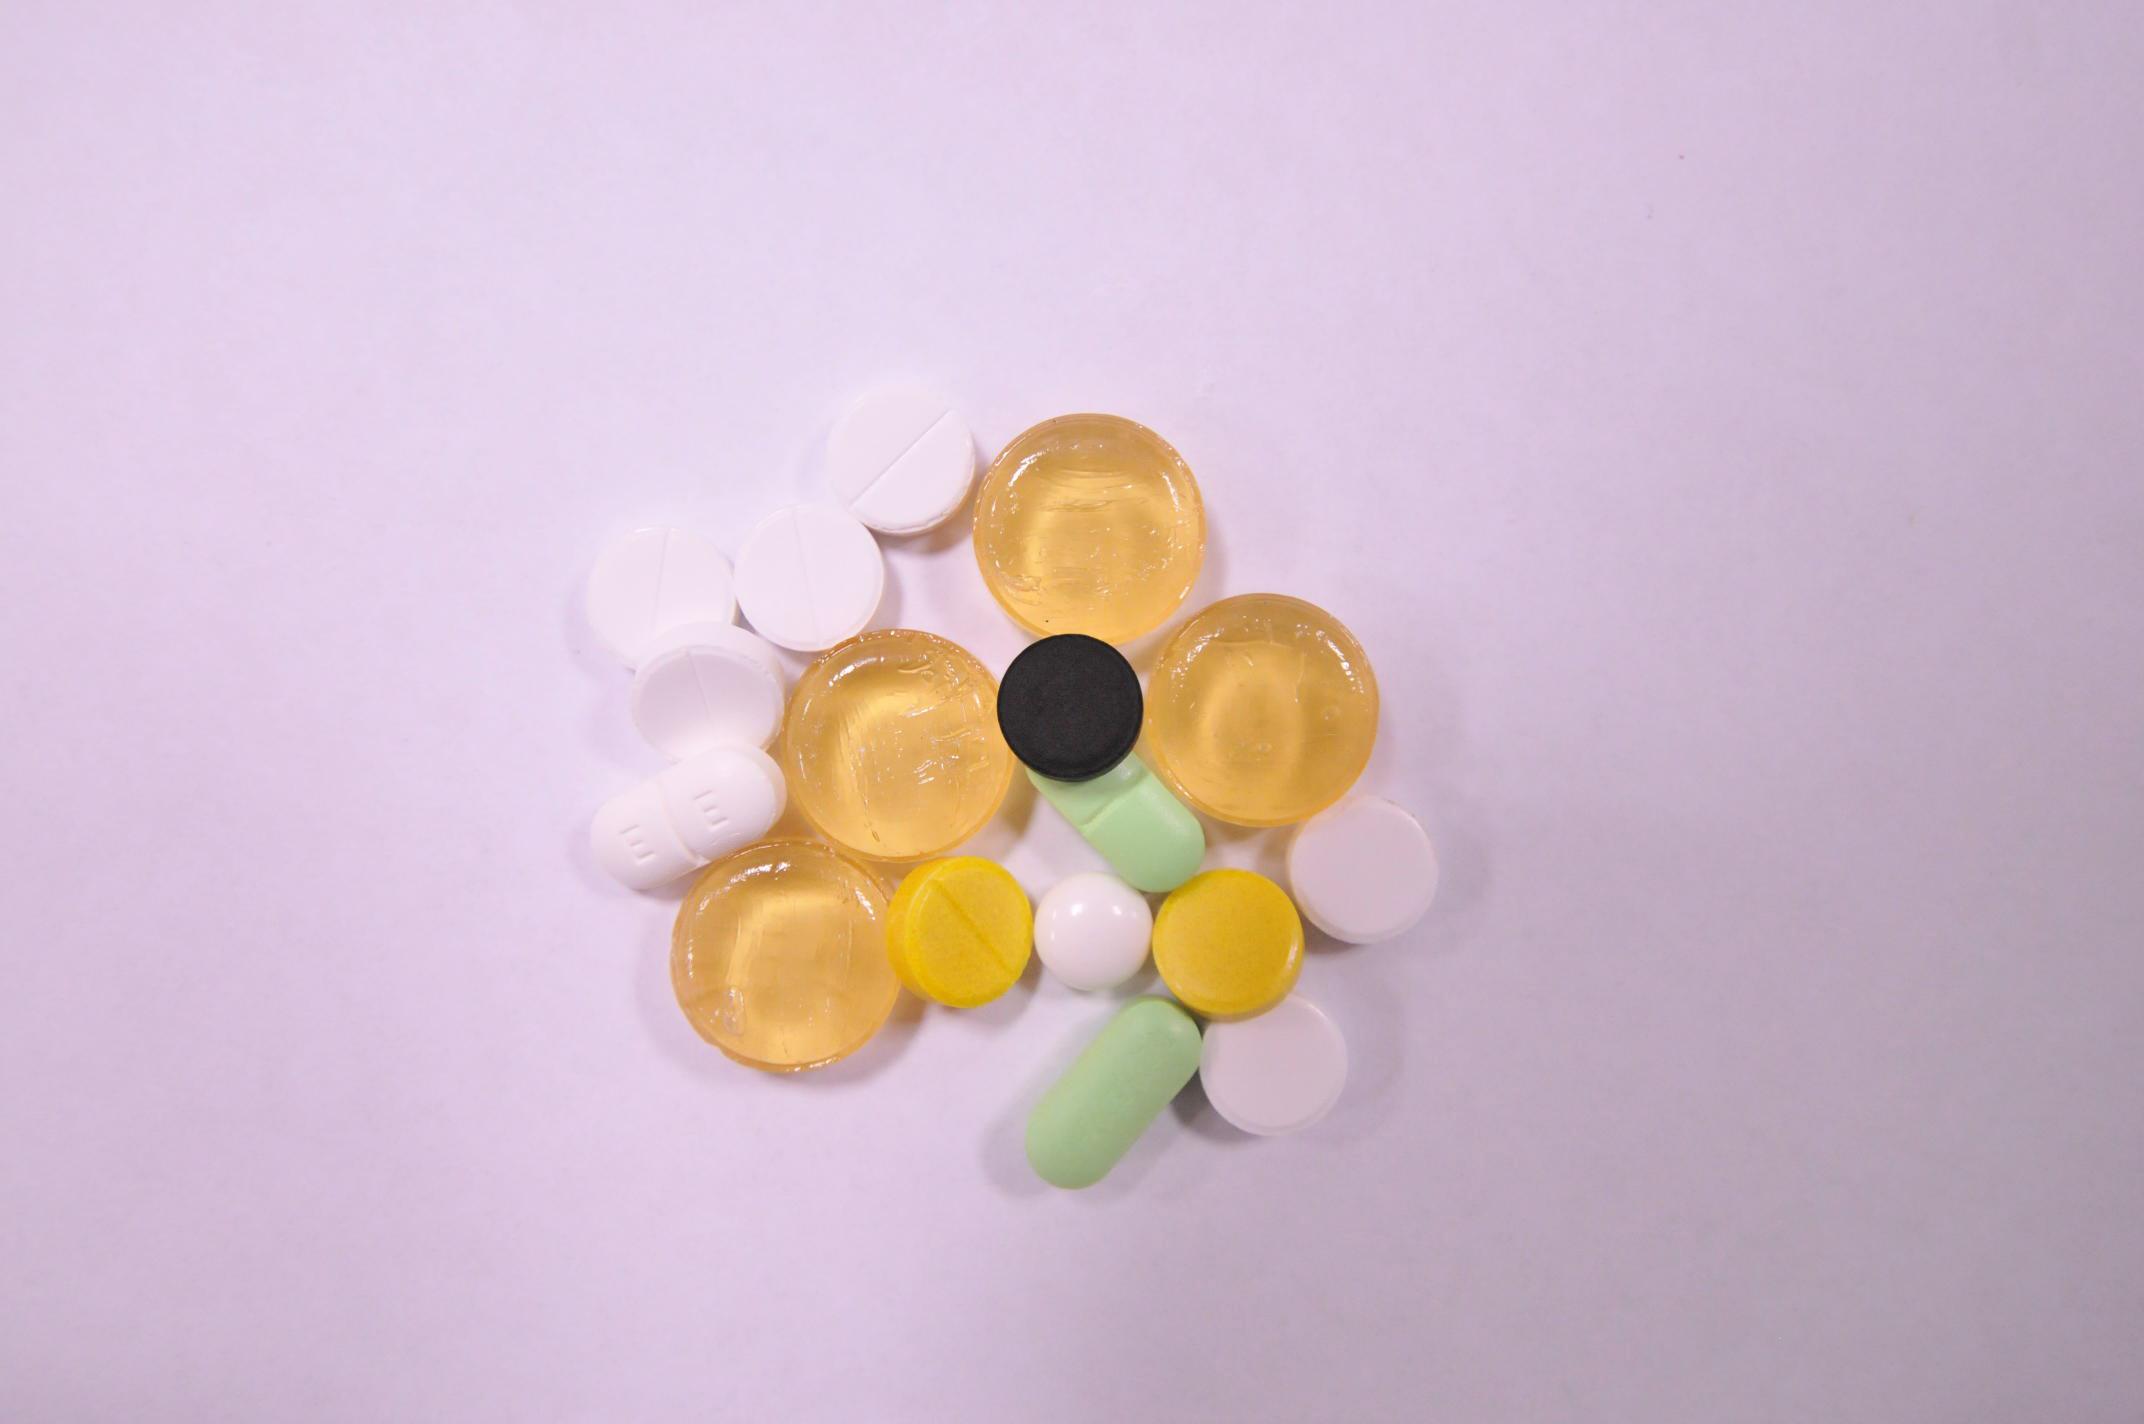 В Европе и США противовирусные препараты почти не используются